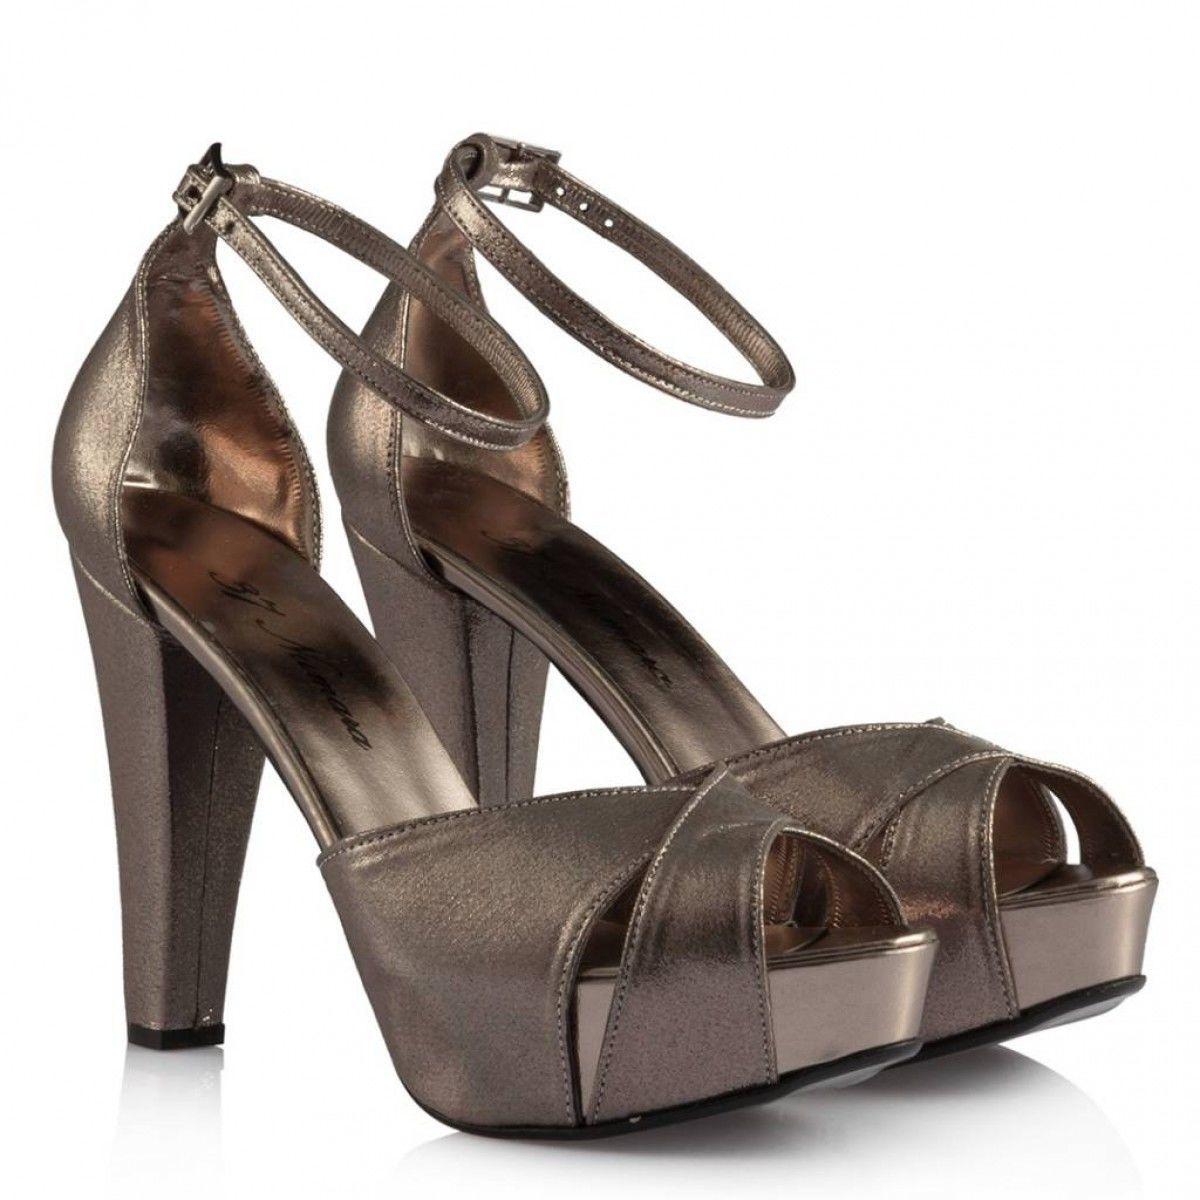 Füme Yaldızlı Platform Ayakkabı